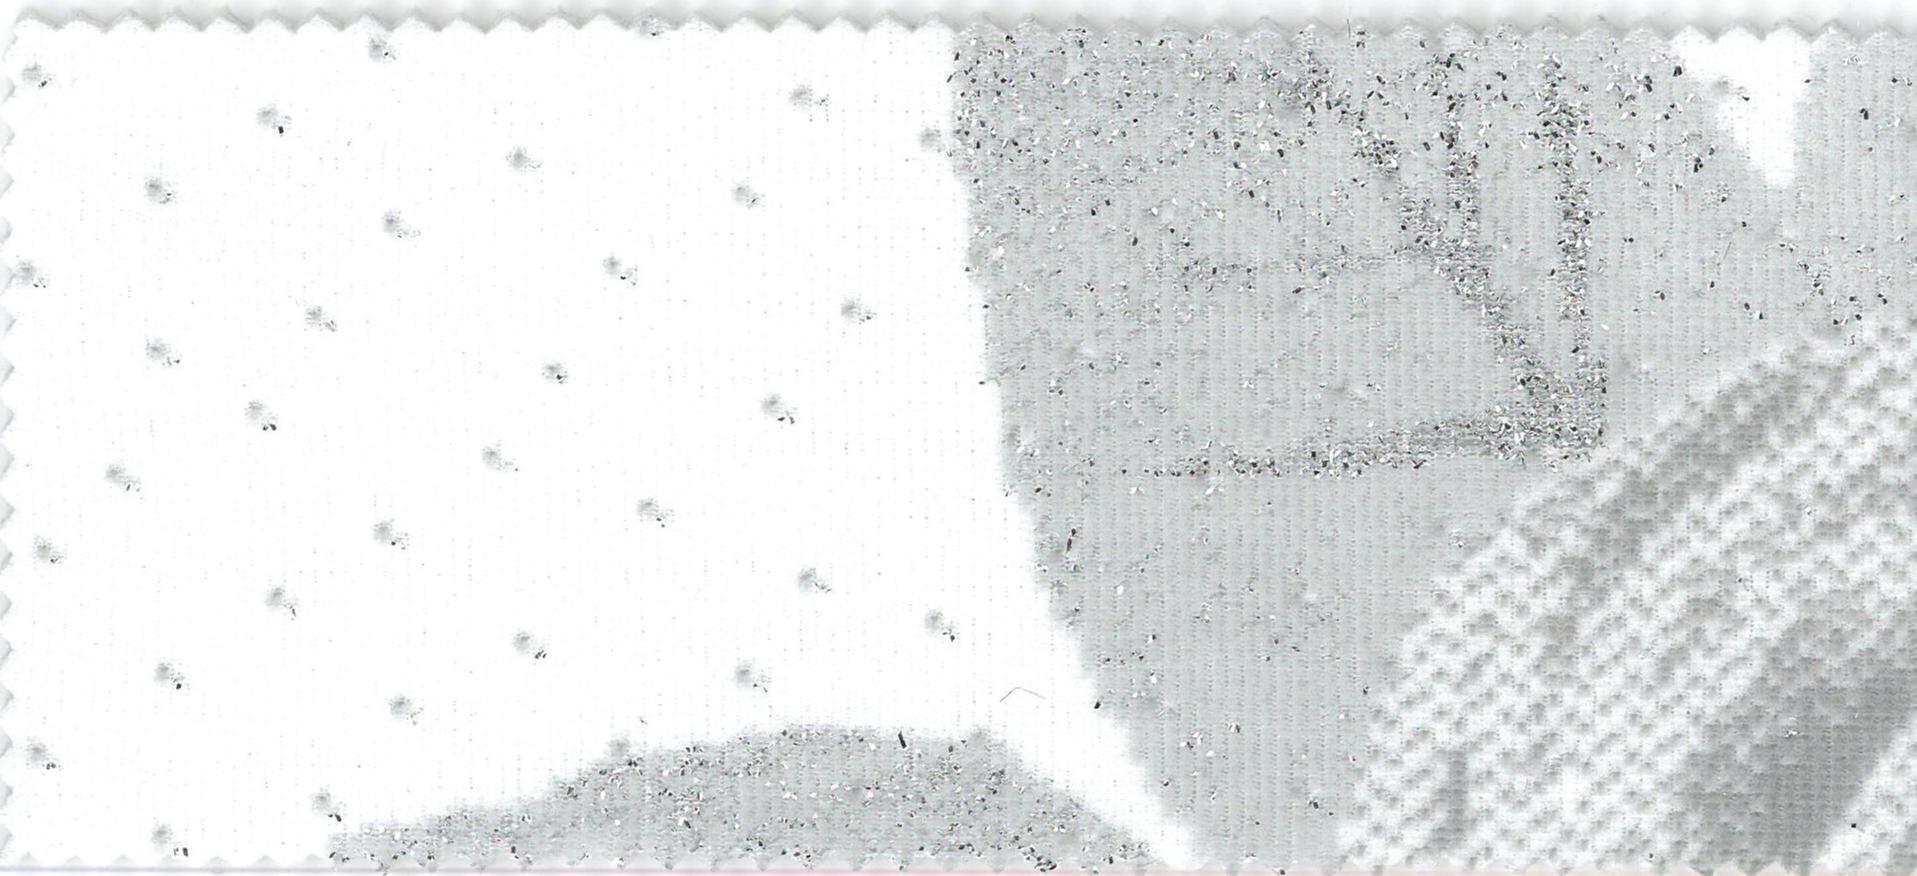 Les Halles - col.1 alb cu trandafiri argintii imprimati